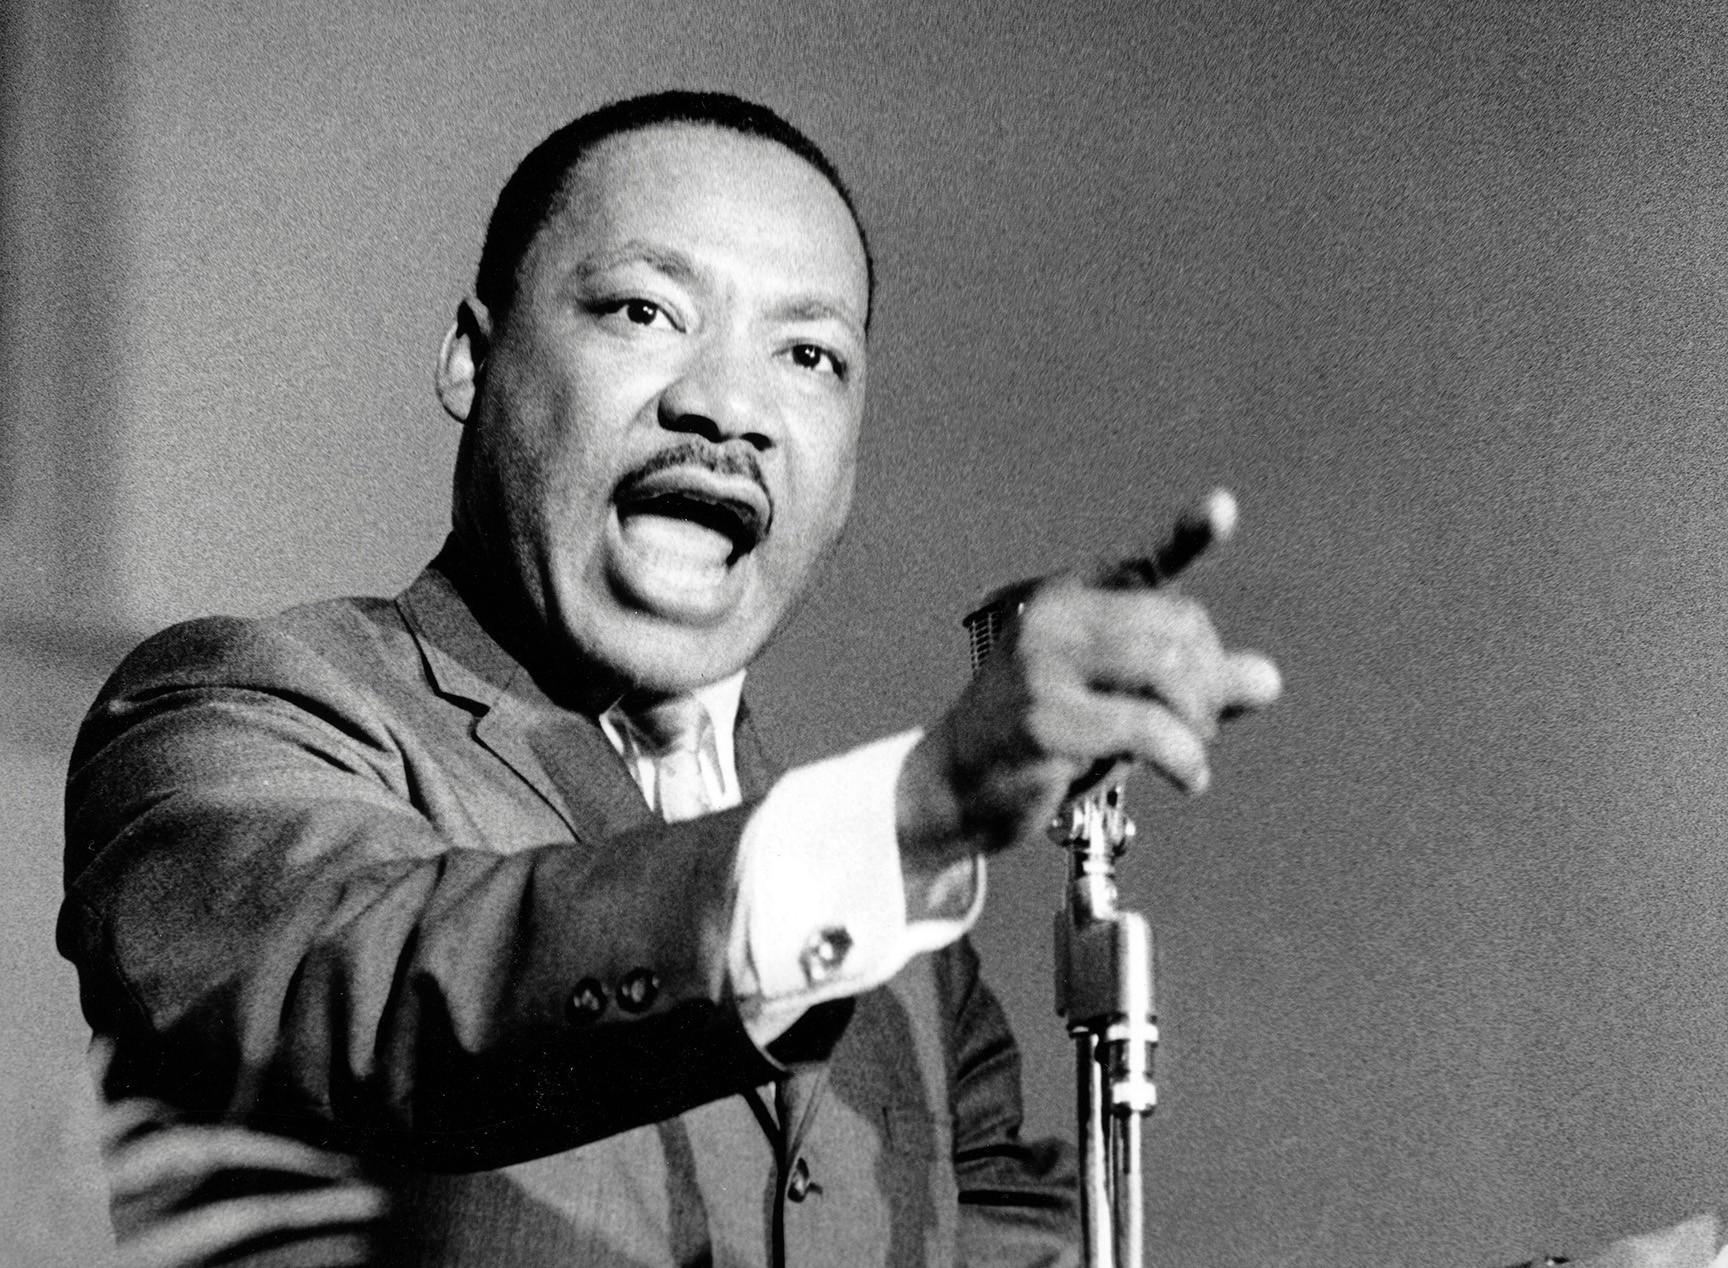 Kansas City lakói népszavazáson vették el a Martin Luther King nevet a város egyik főutcájától